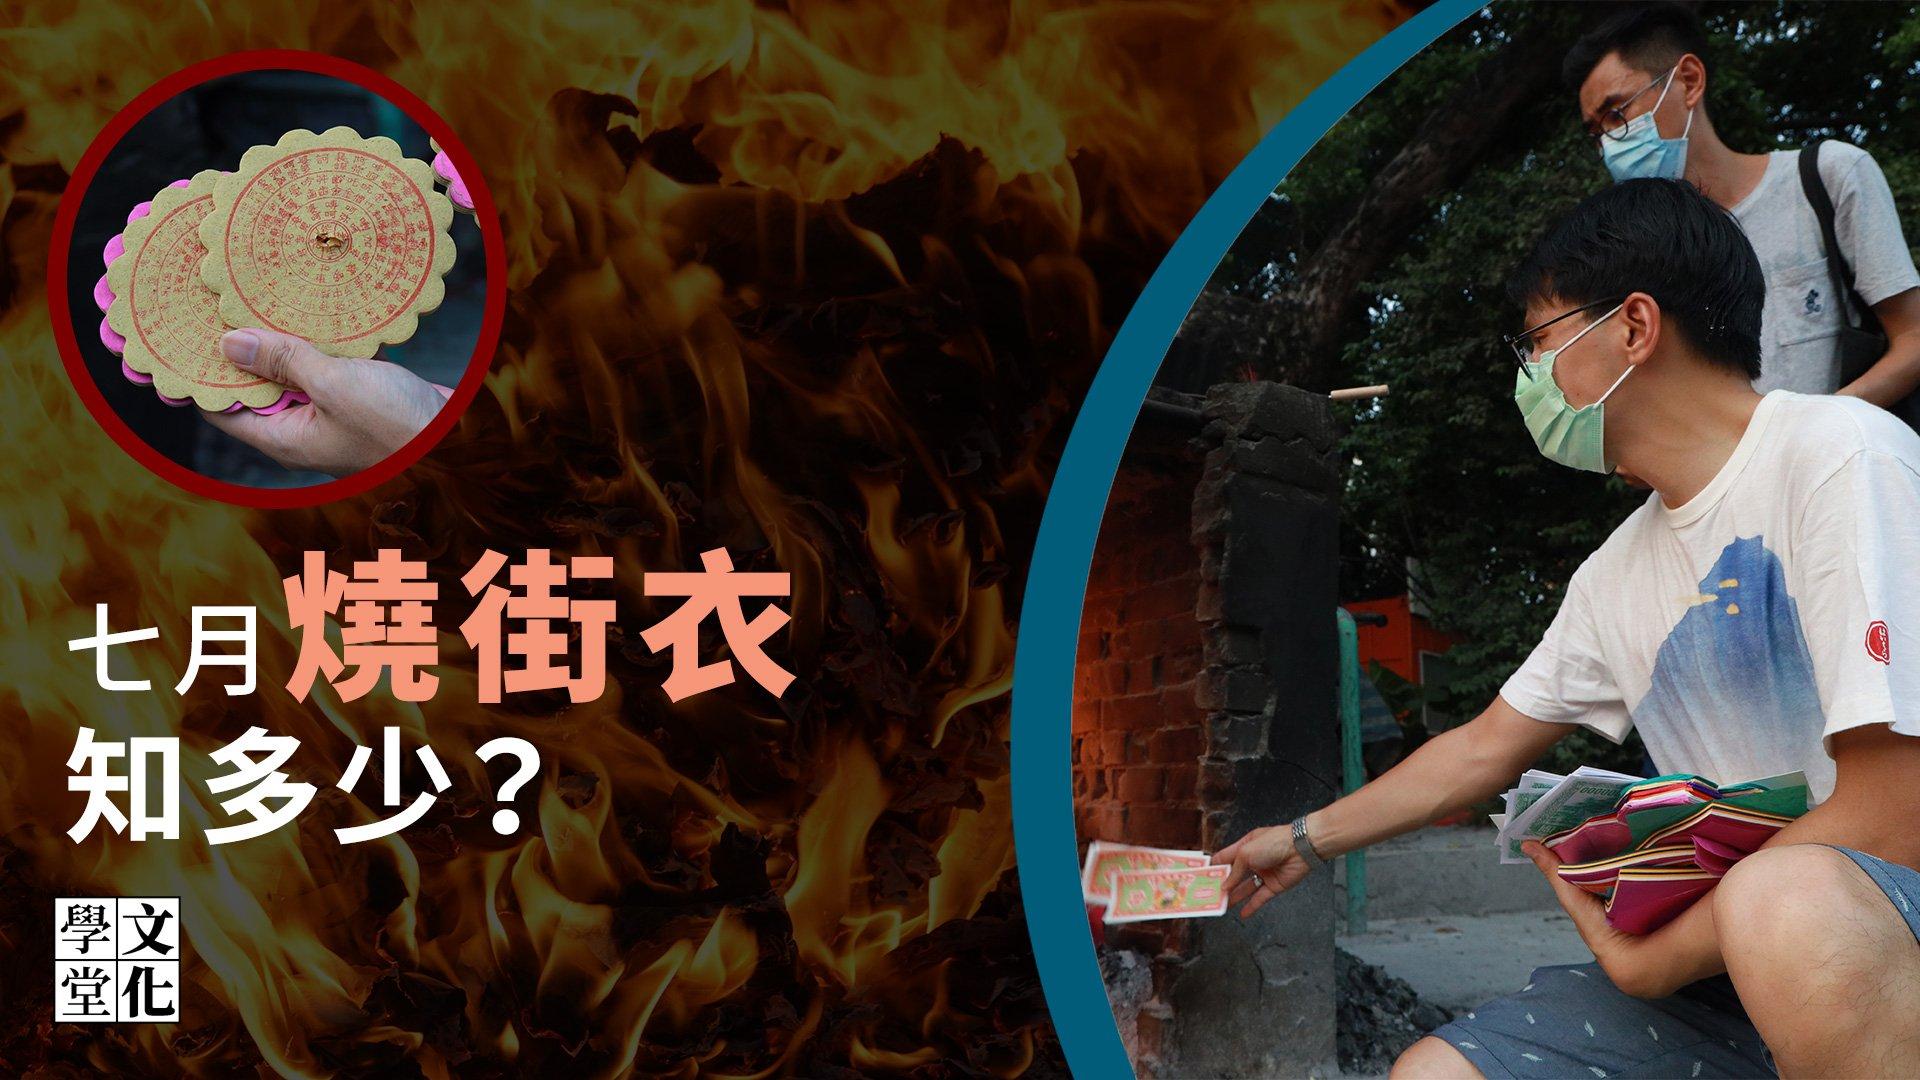 本期「文化學堂」邀請到香港史學會總監鄧家宙博士和文化研究者溫佐治前來分享盂蘭期間的燒衣文化。(設計圖片)